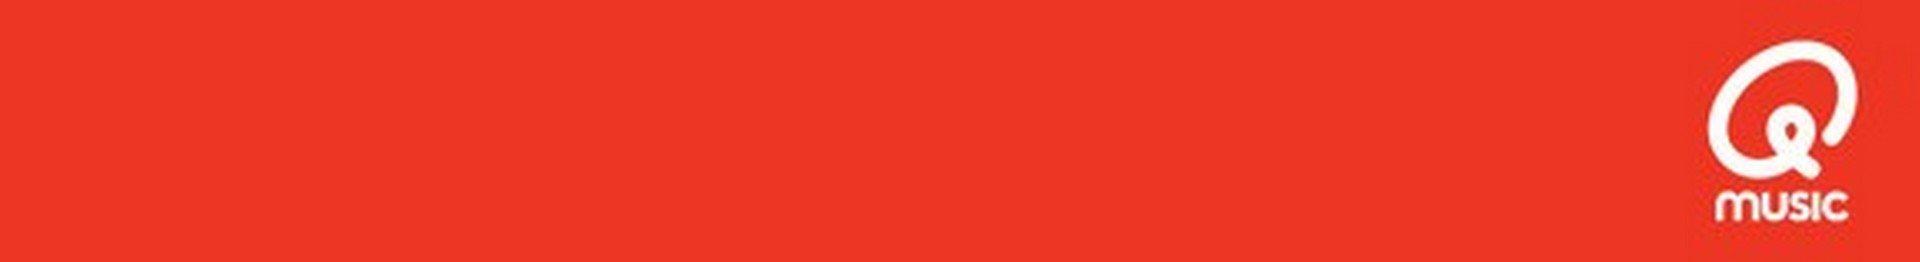 Kleurt Vlaanderen helemaal rood - Logo Q music